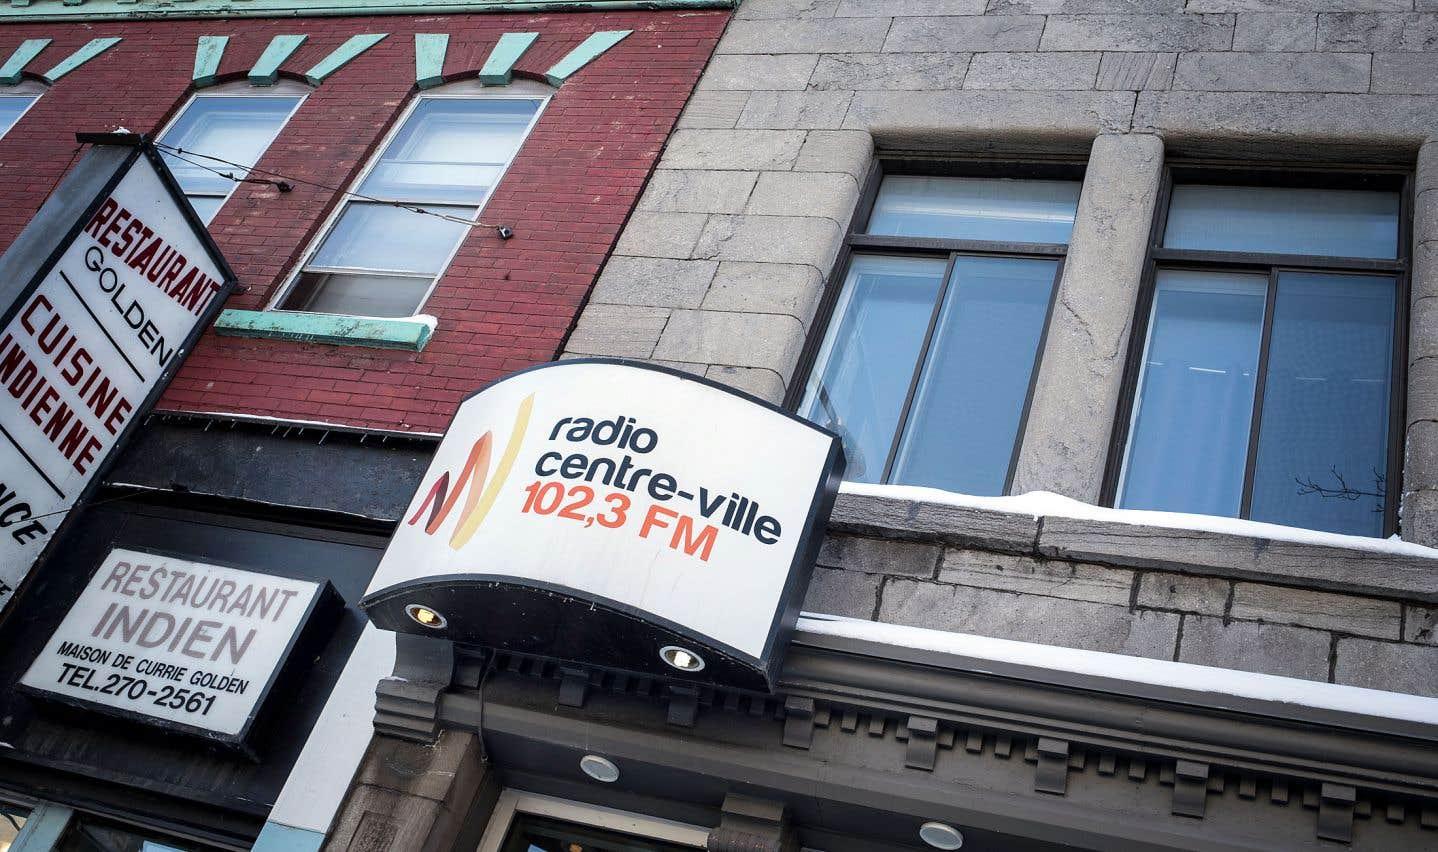 Selon Martin Bougie, directeur de l'Association des radiodiffuseurs communautaires du Québec, l'existence de la station montréalaise n'est pas compromise.